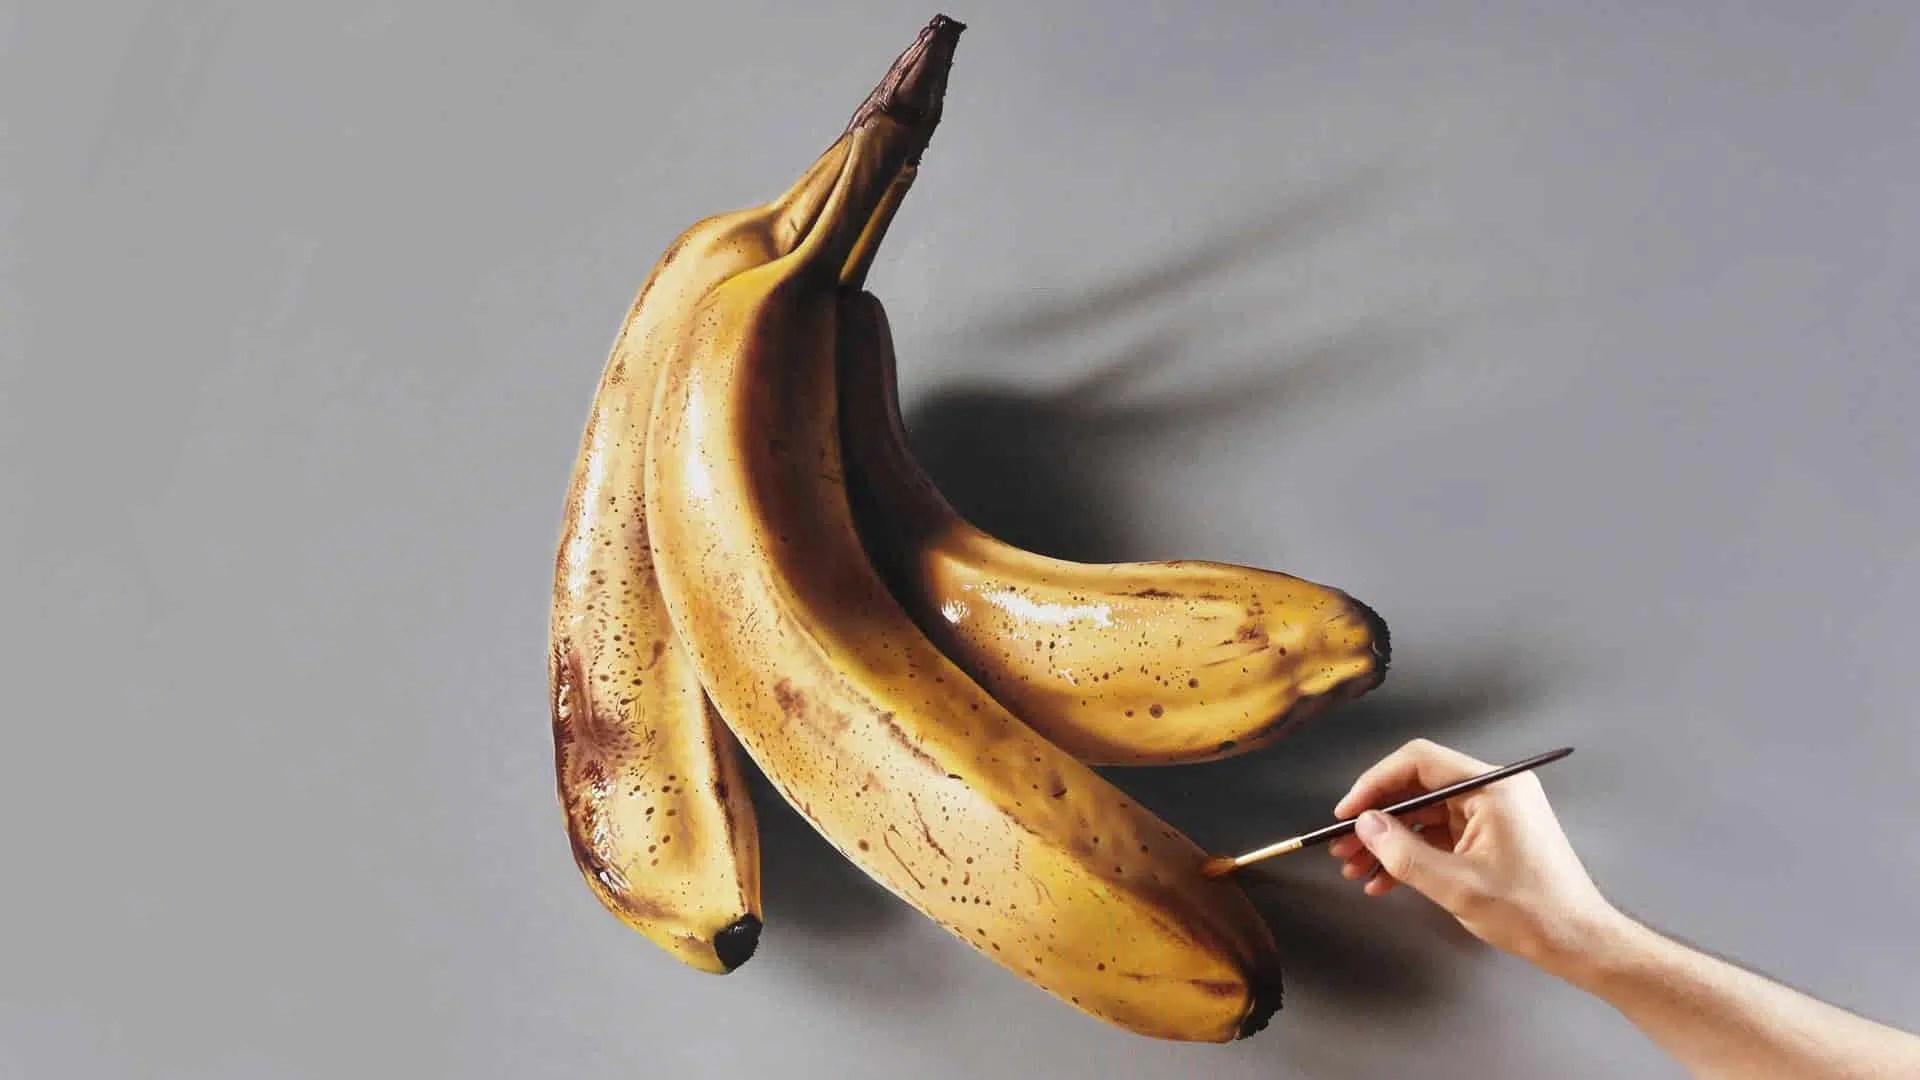 Banana_lifestyle_art_paint_brush_food_fruit